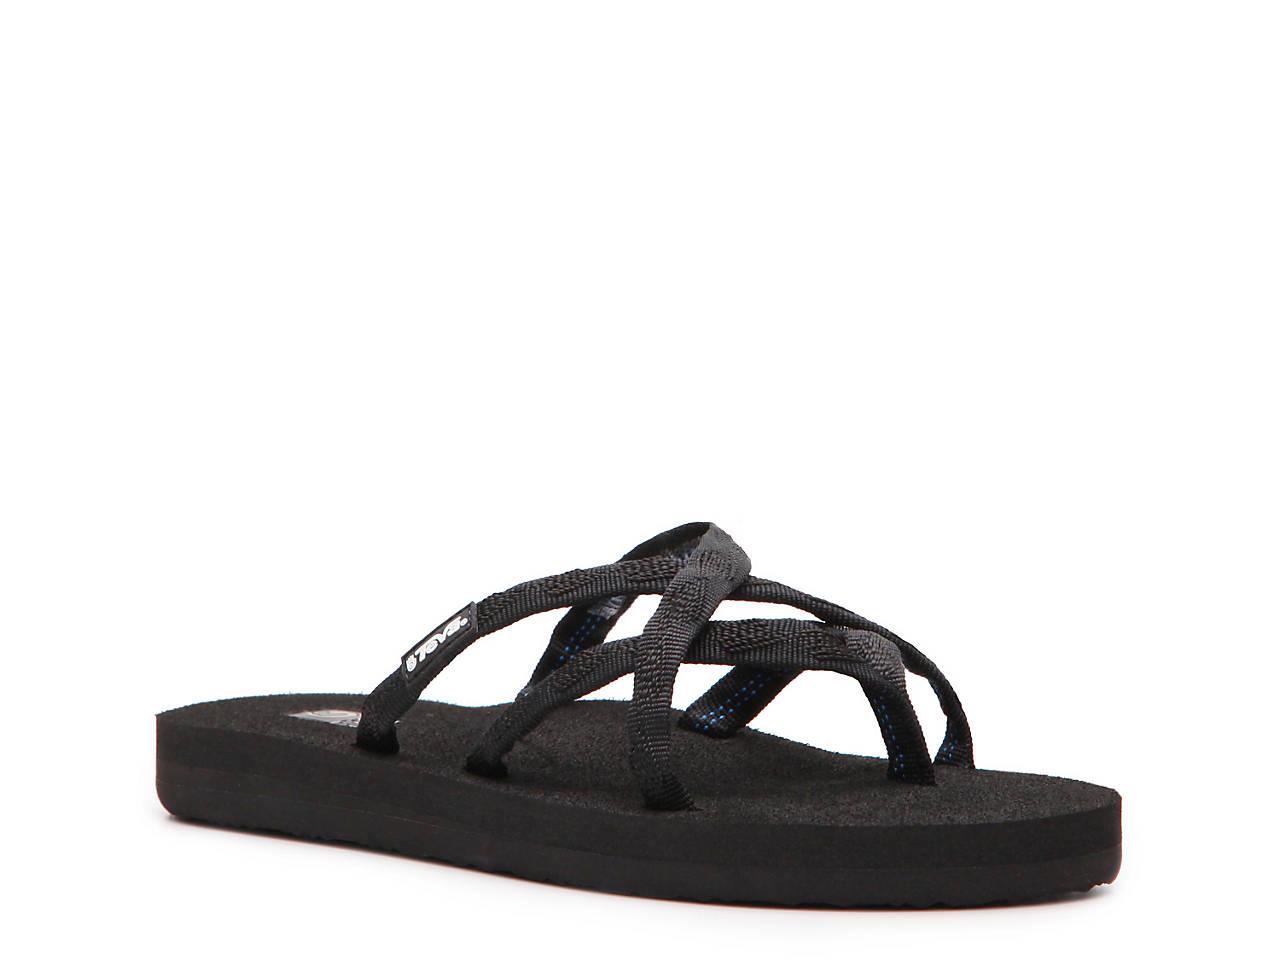 ef90d2a34 Teva Olowahu Flip Flop Women s Shoes